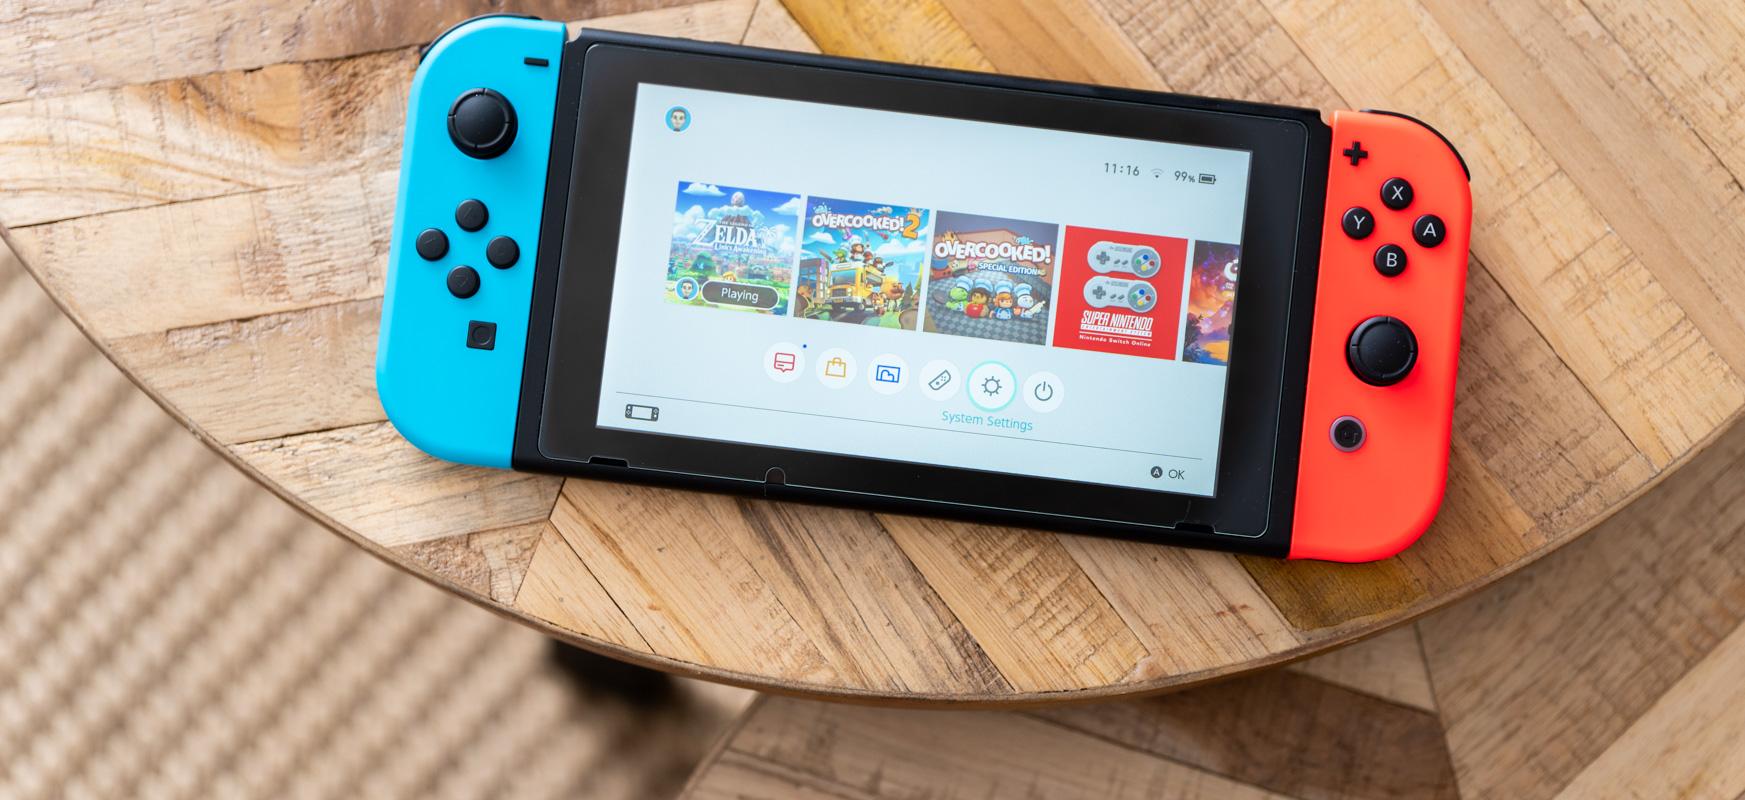 Nintendo Switch jolasteko astirik ez duen jokalari baten begia